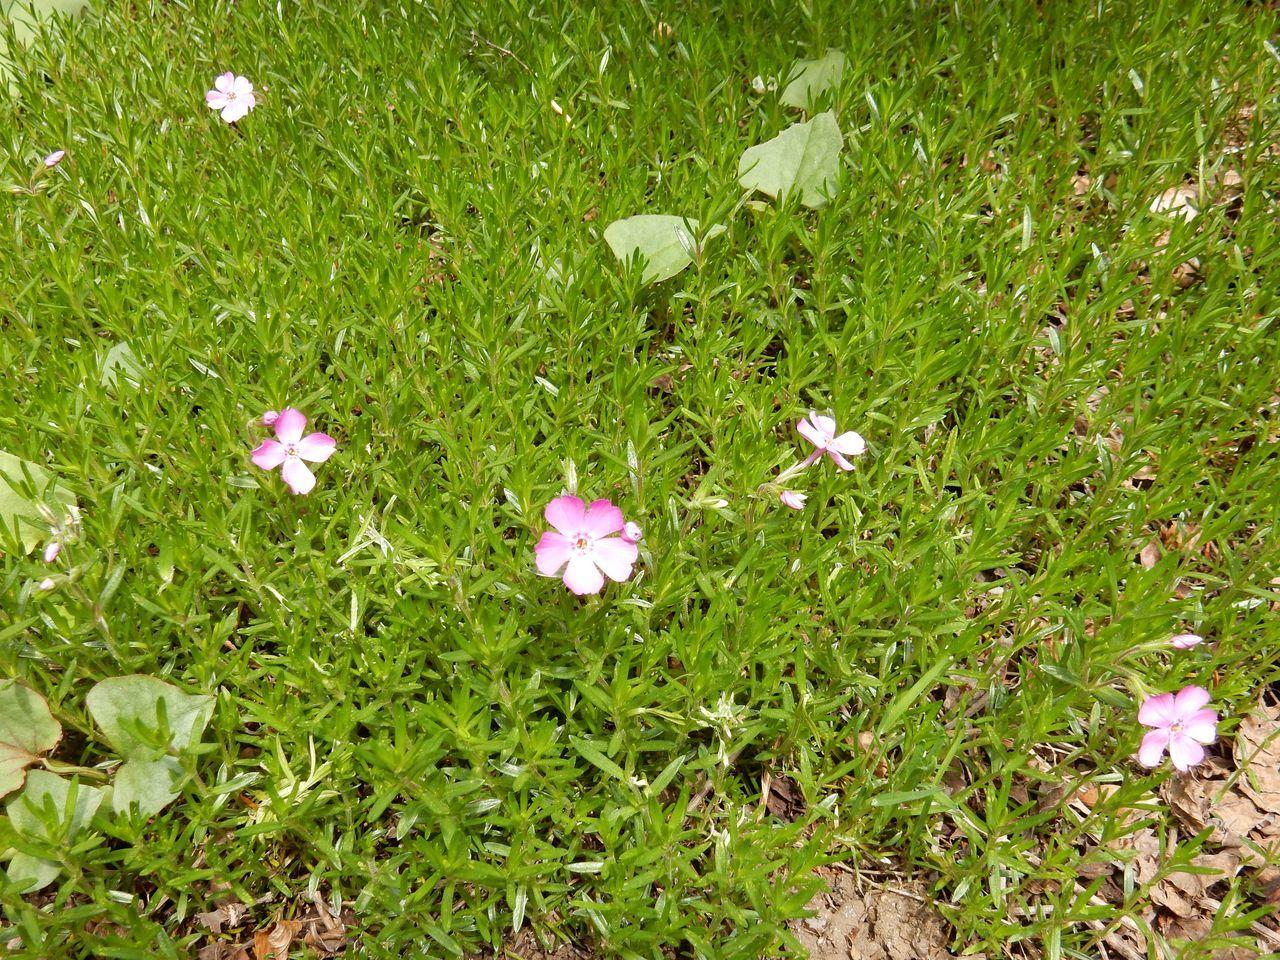 今年も春が来た_c0025115_22345883.jpg